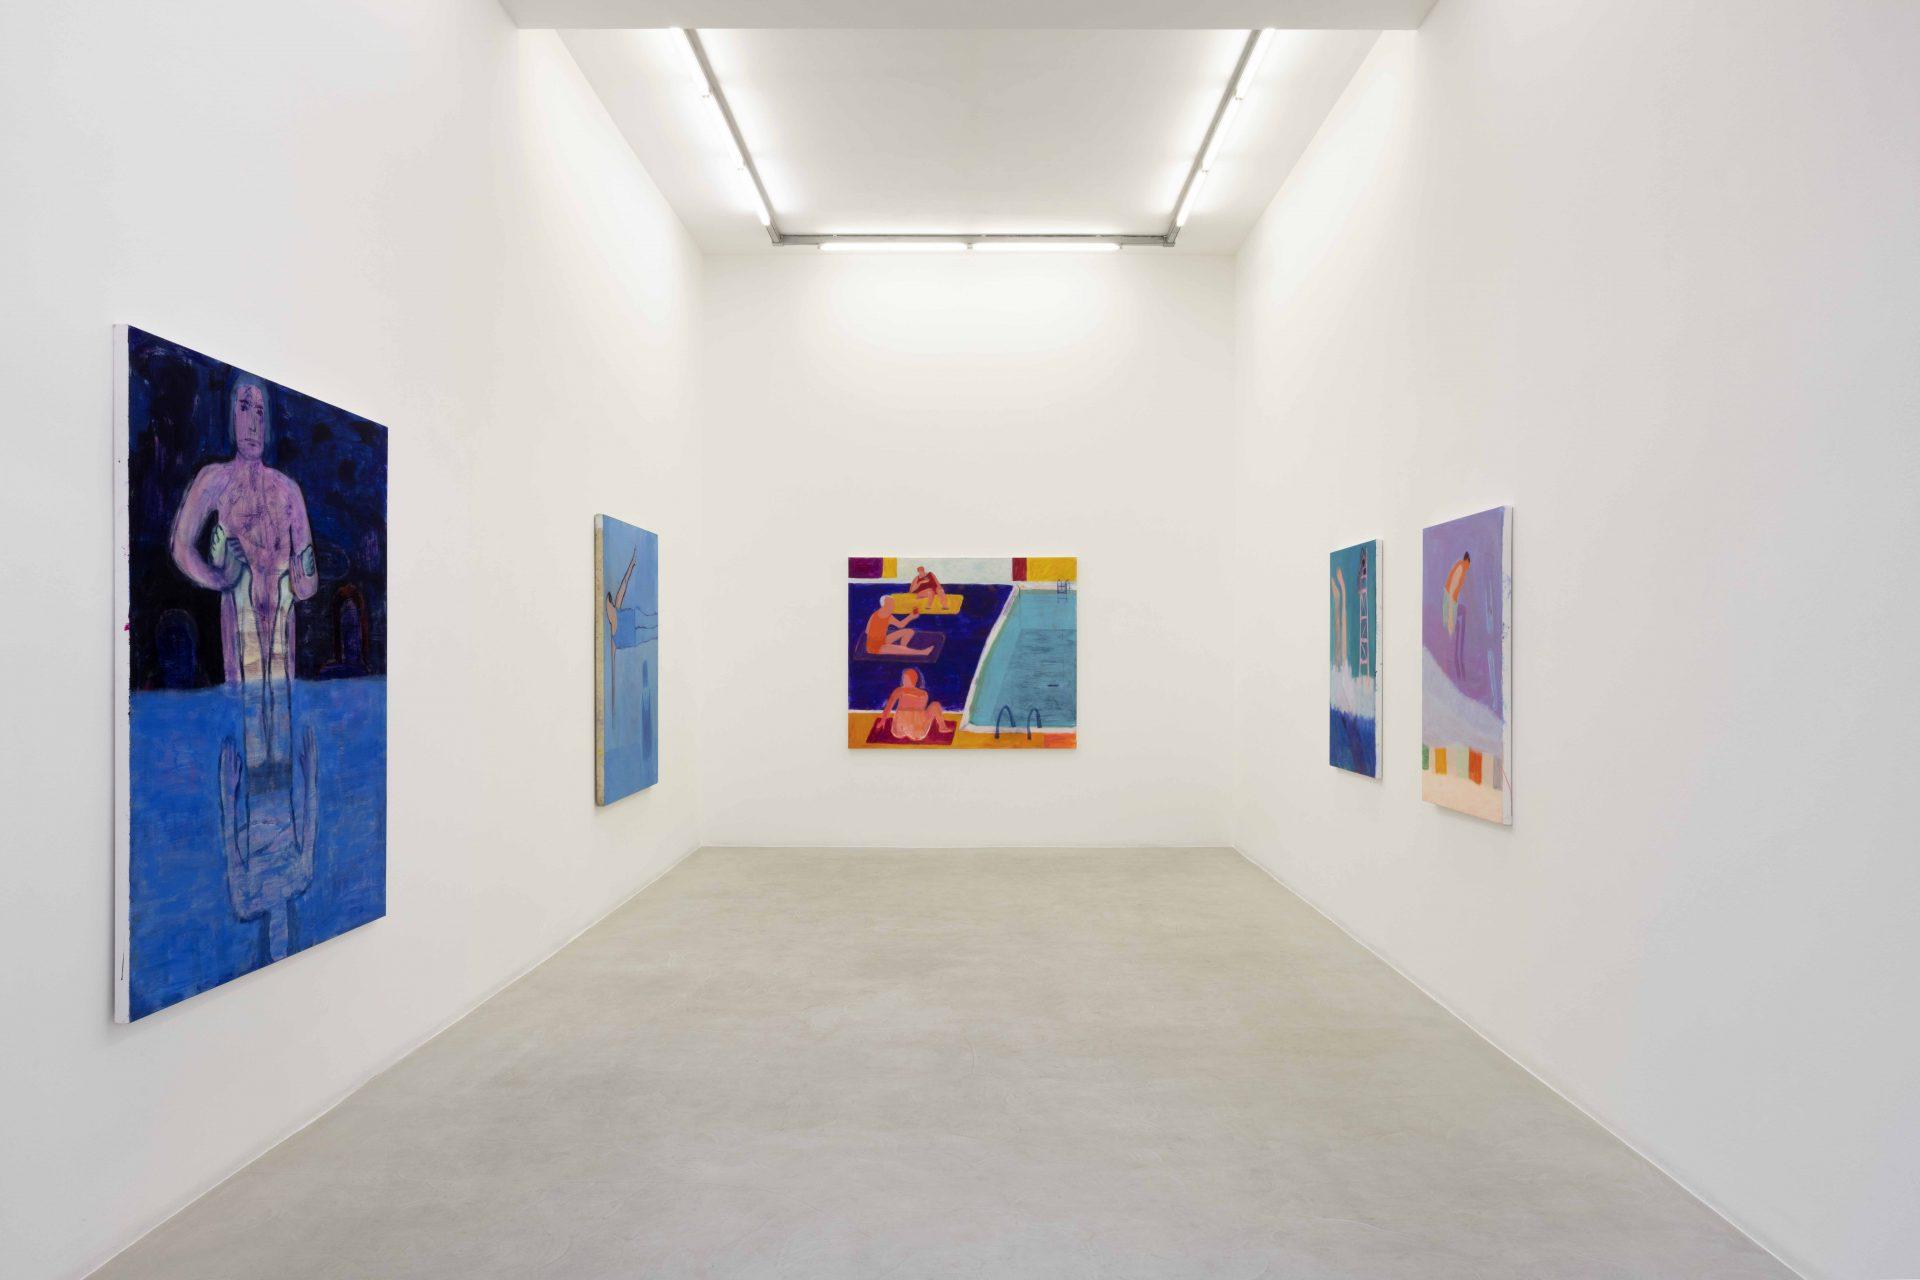 Katherine Bradford, Lifeguards, 2021, Installation view at Kaufmann Repetto, Milano. Courtesy Kaufmann Repetto